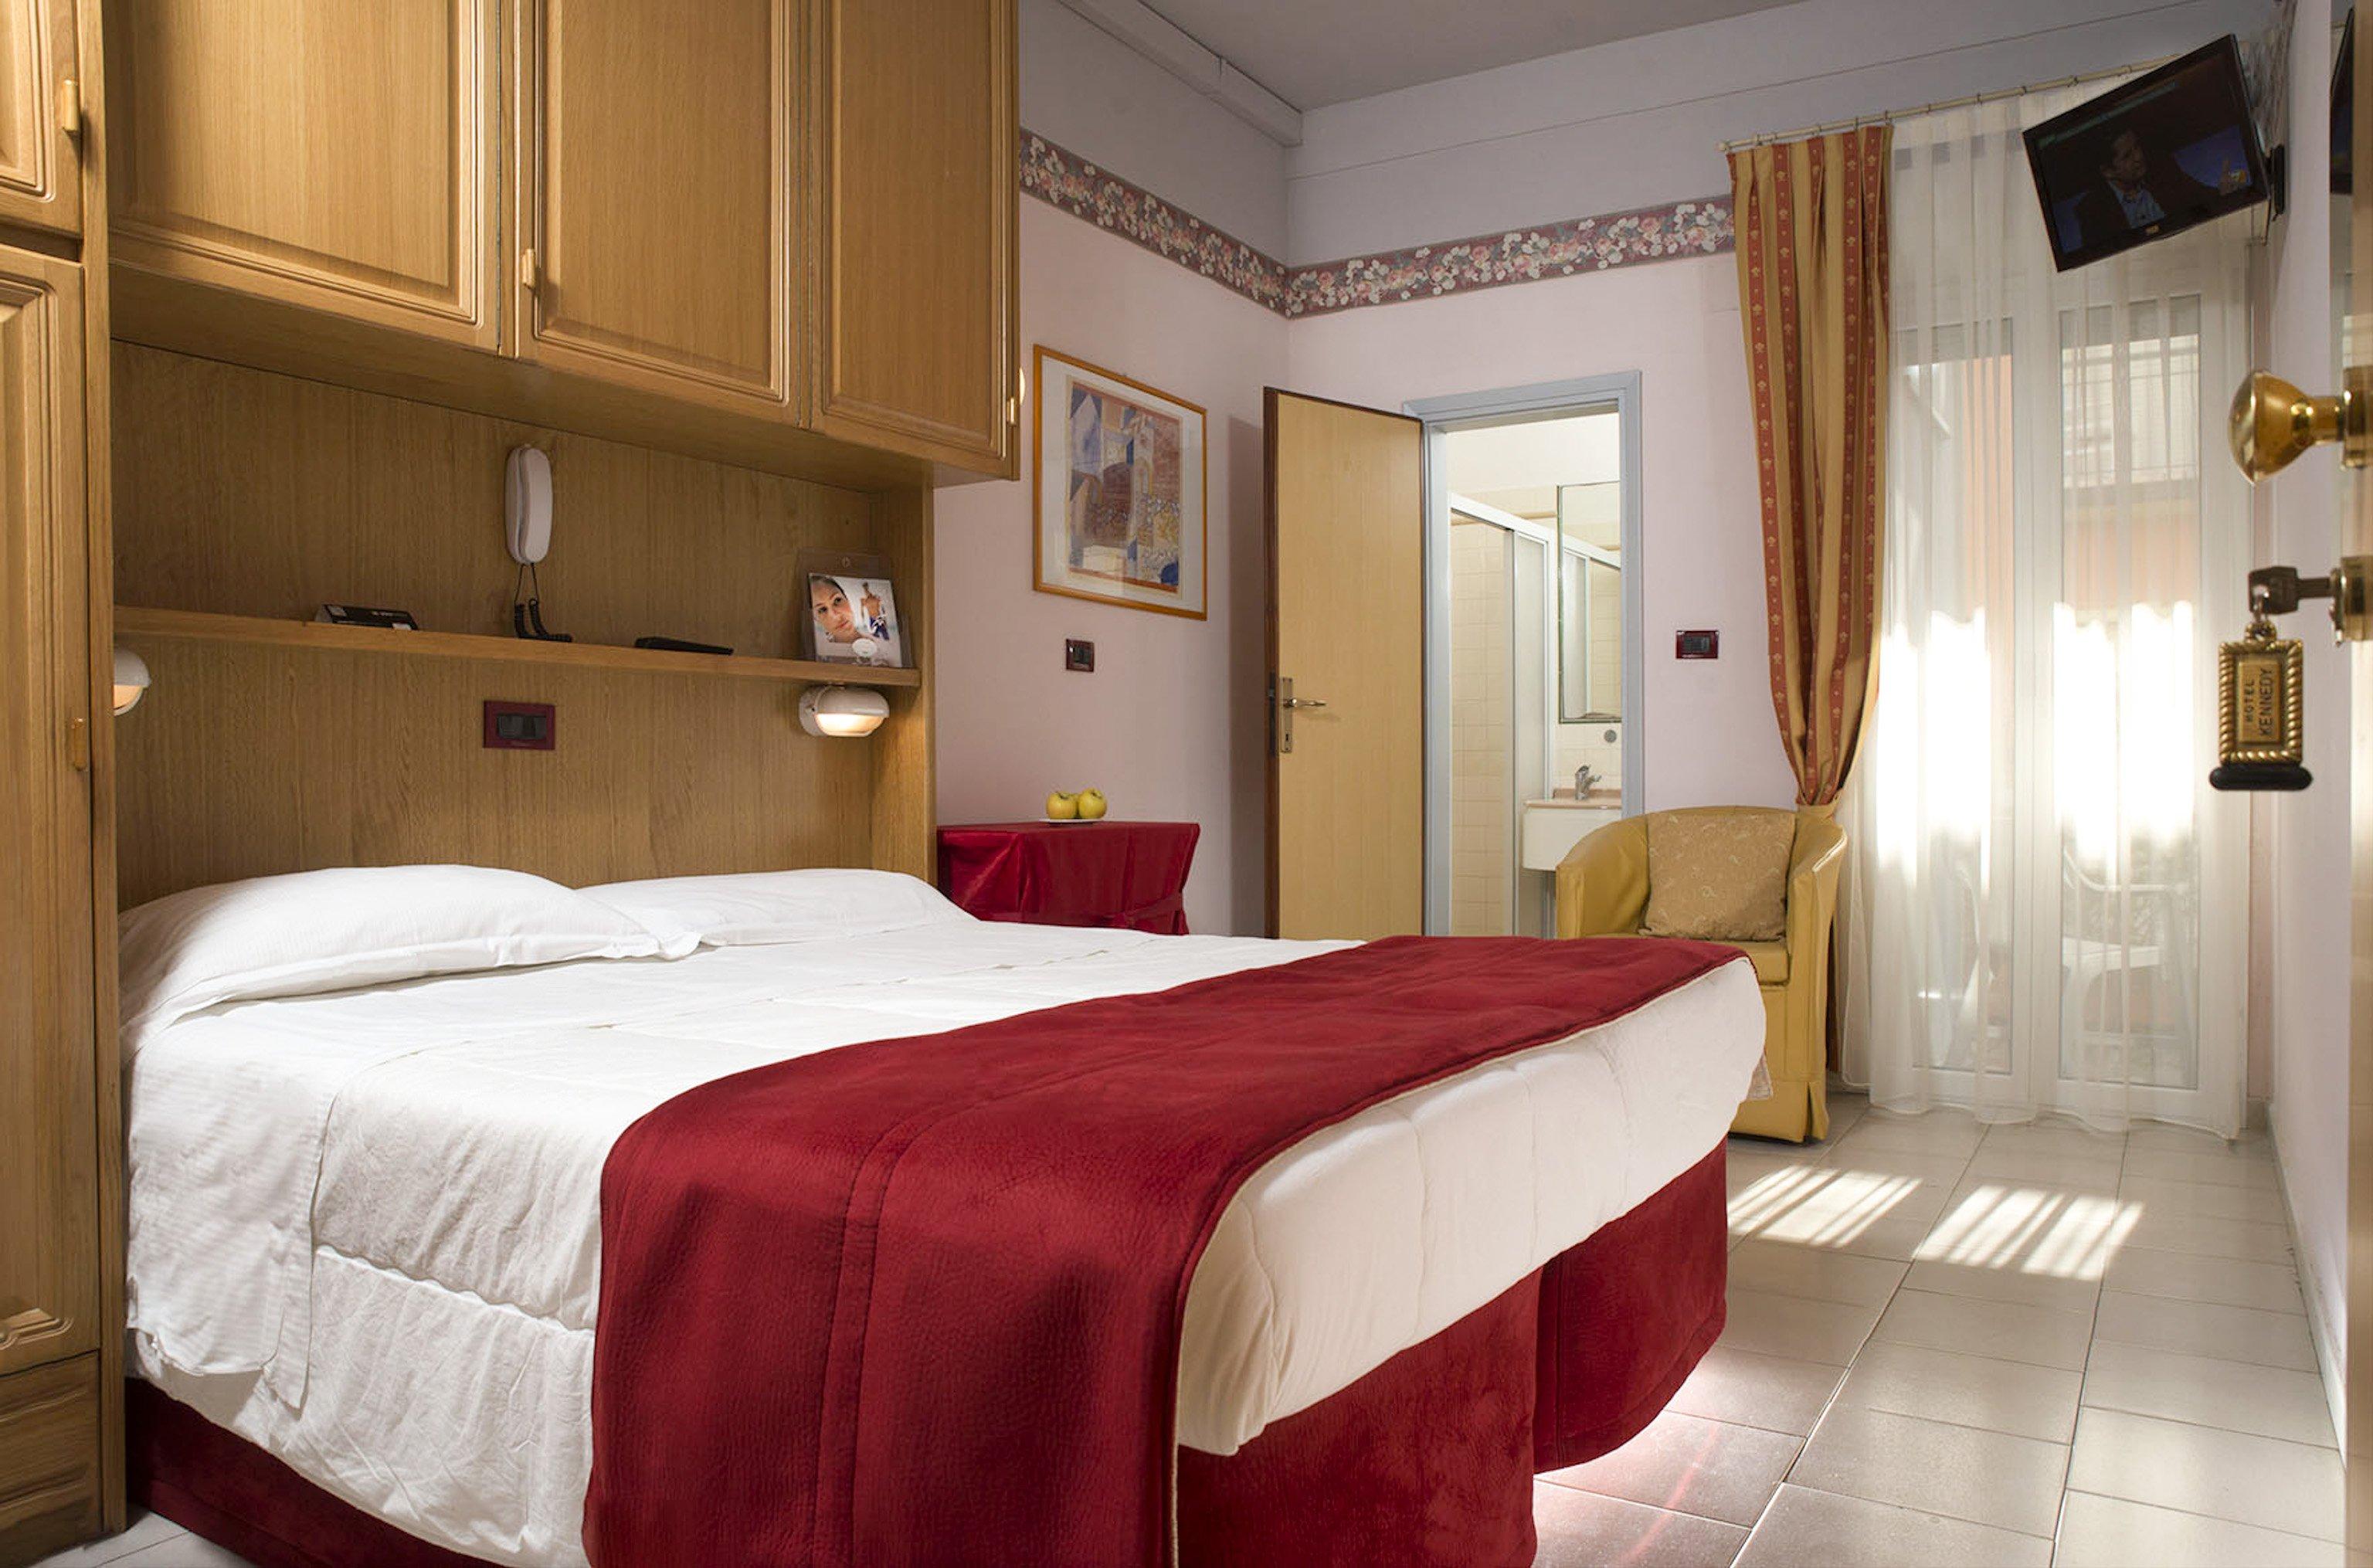 camera matrimoniale con lenzuola bianche e copriletto rosso